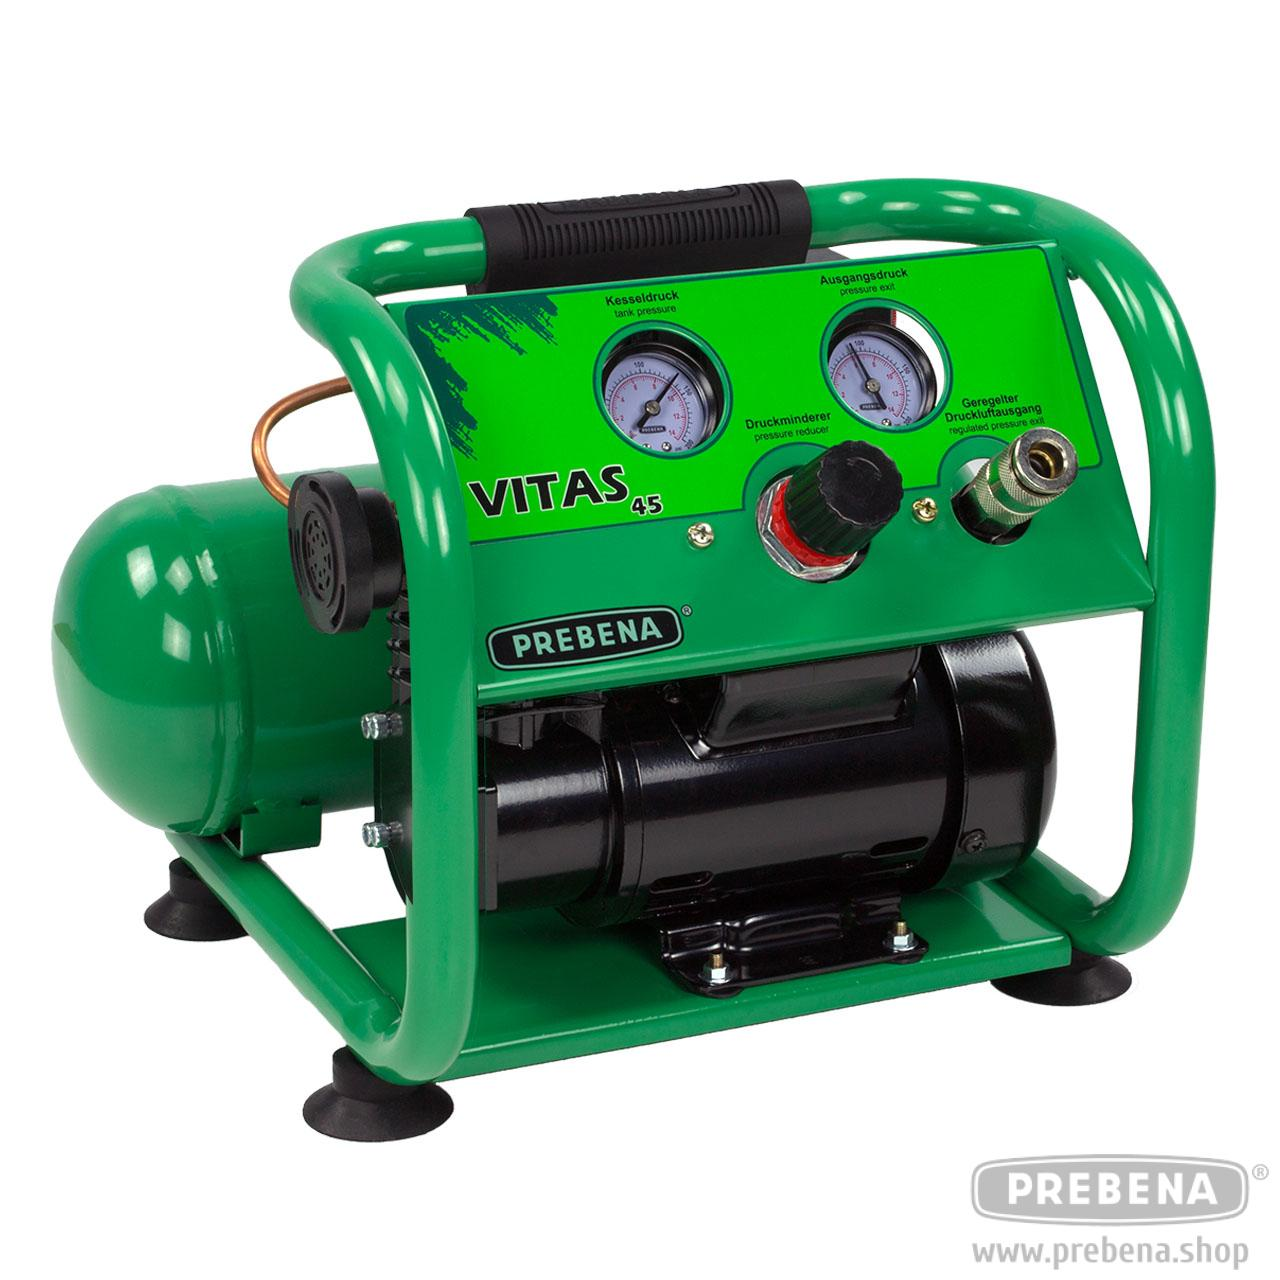 Vitas 45 Compressor Mobile Compressors Homen Pressure Gauge Kompressor Homenhobby Prebena The Official Online Shop